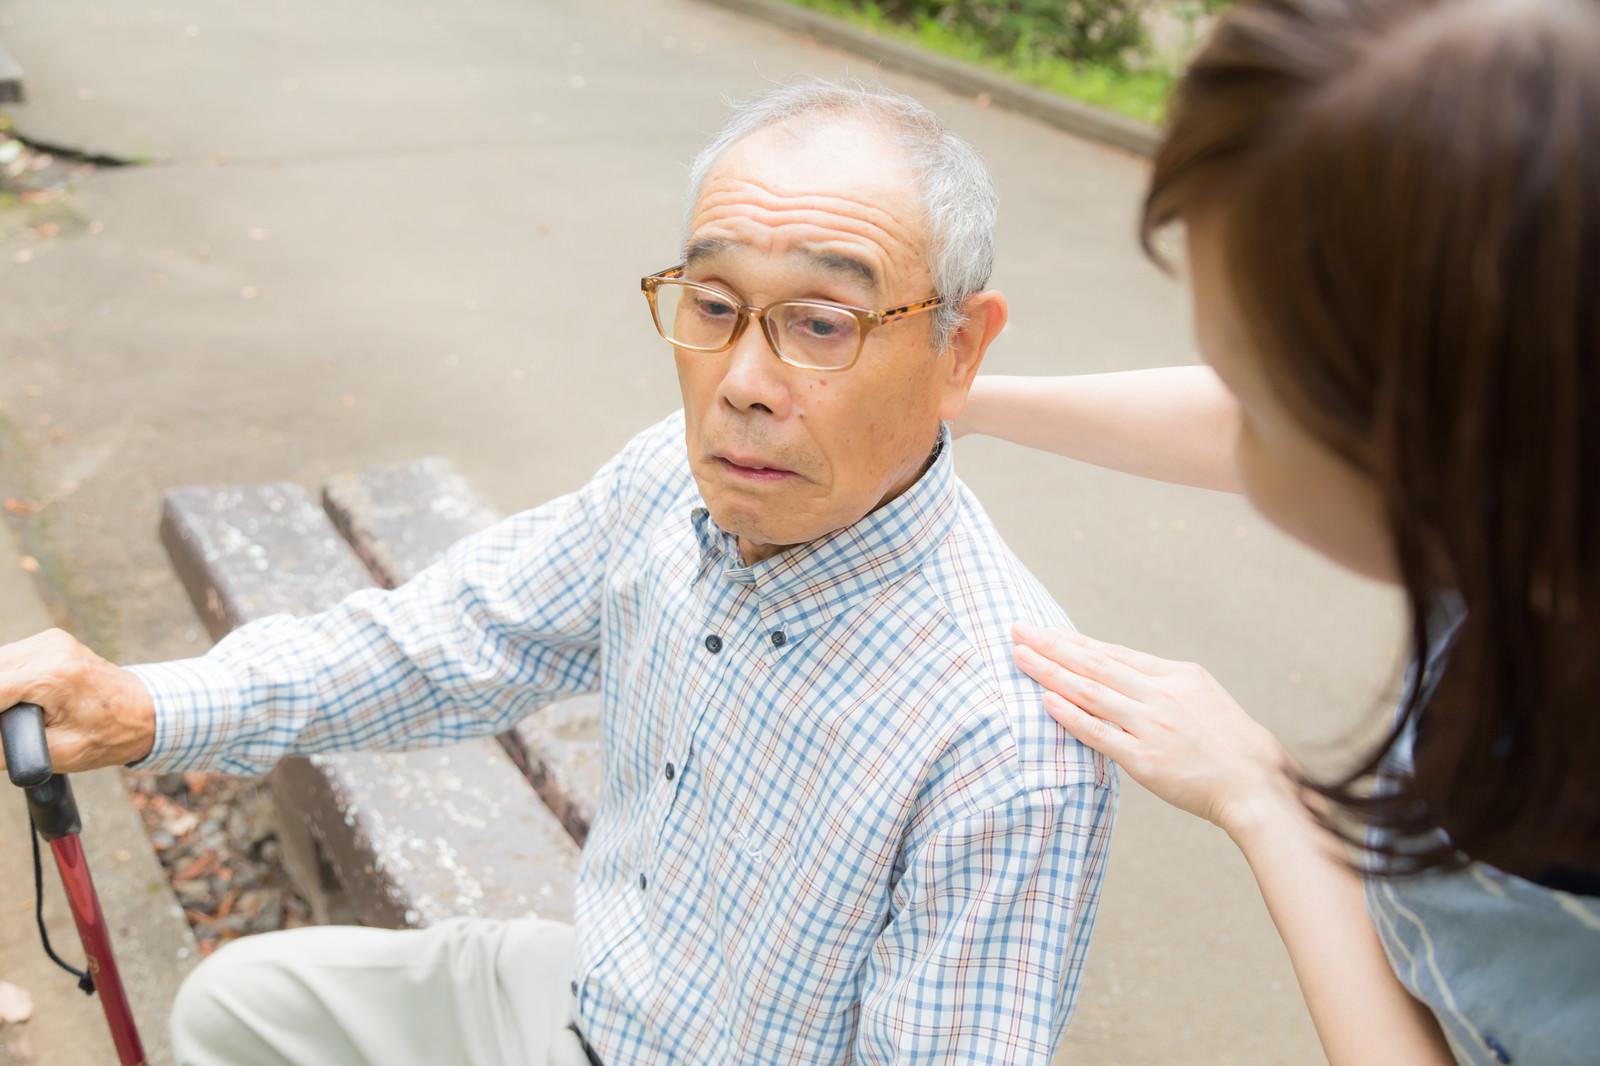 「疲れてベンチに座る老人に声をかける女性」の写真[モデル:まーちゃん yumiko]